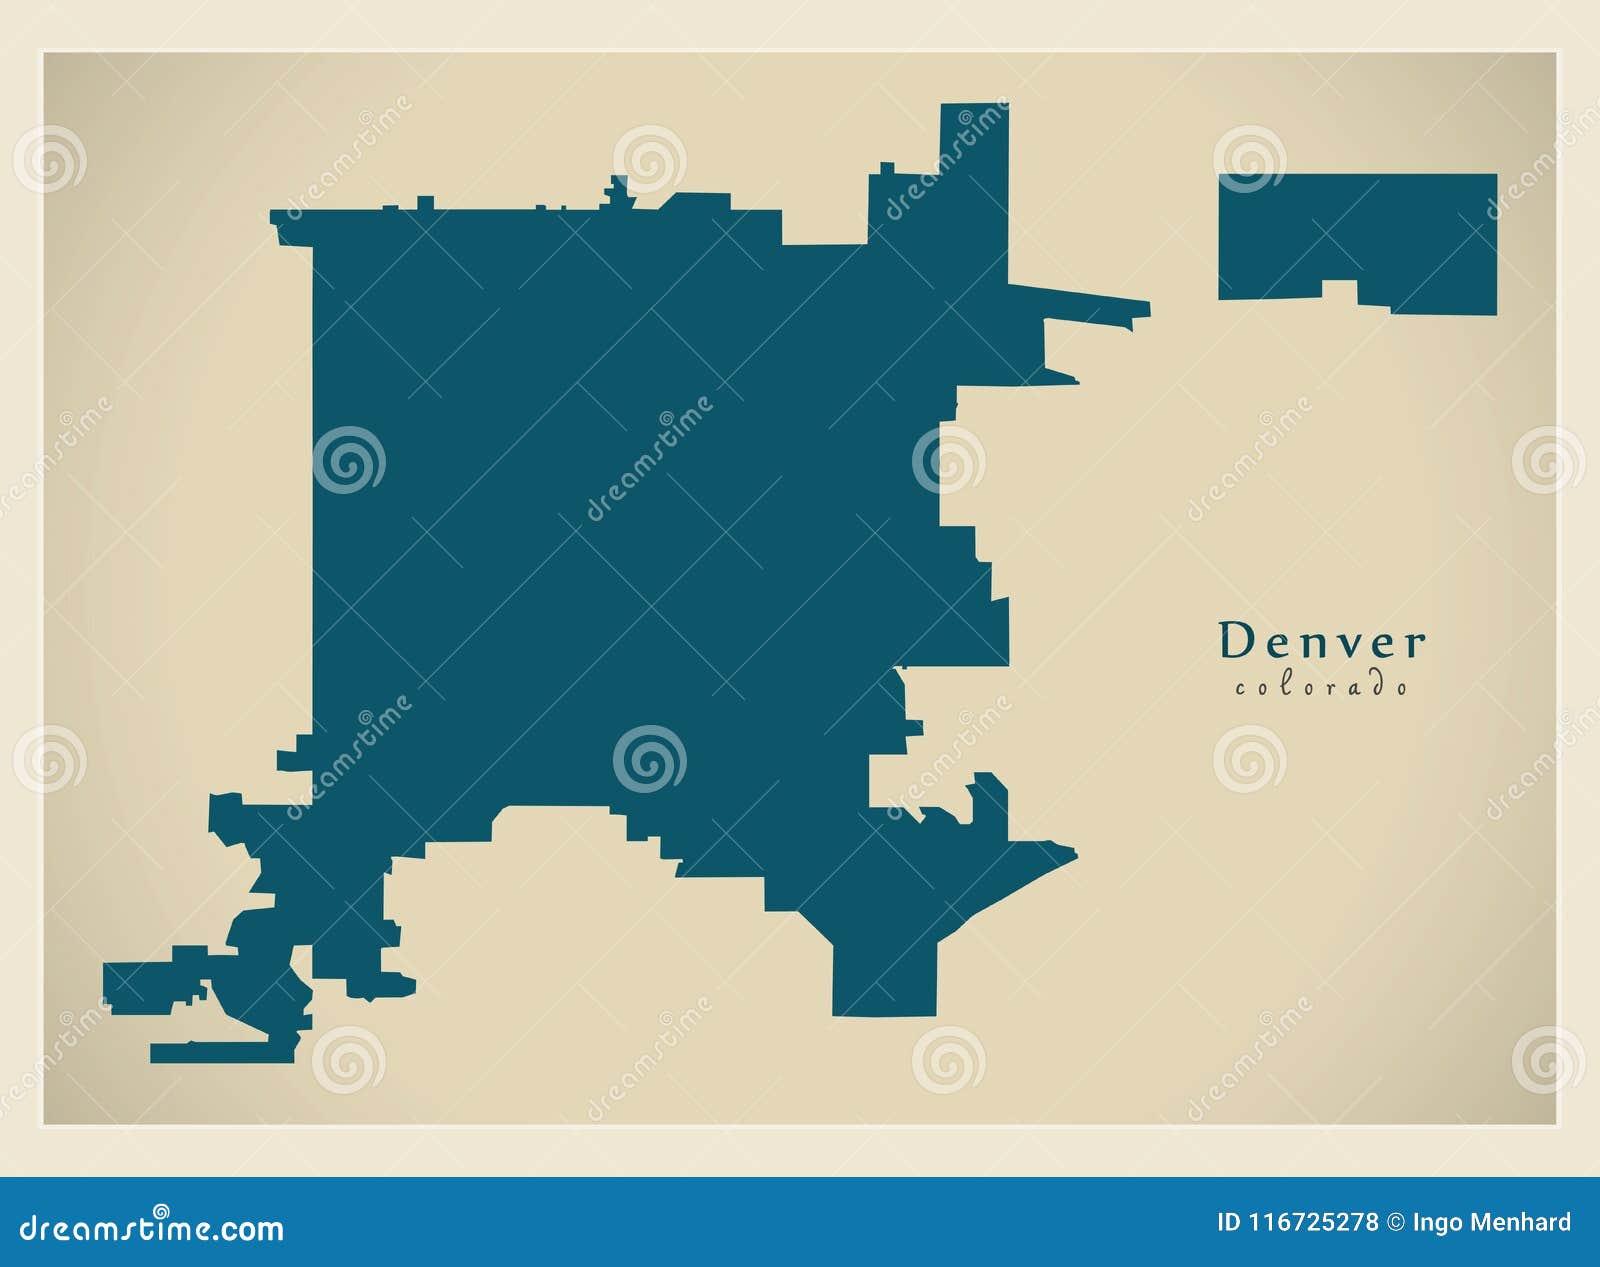 Modern City Map Denver Colorado City Of The Usa Stock Vector